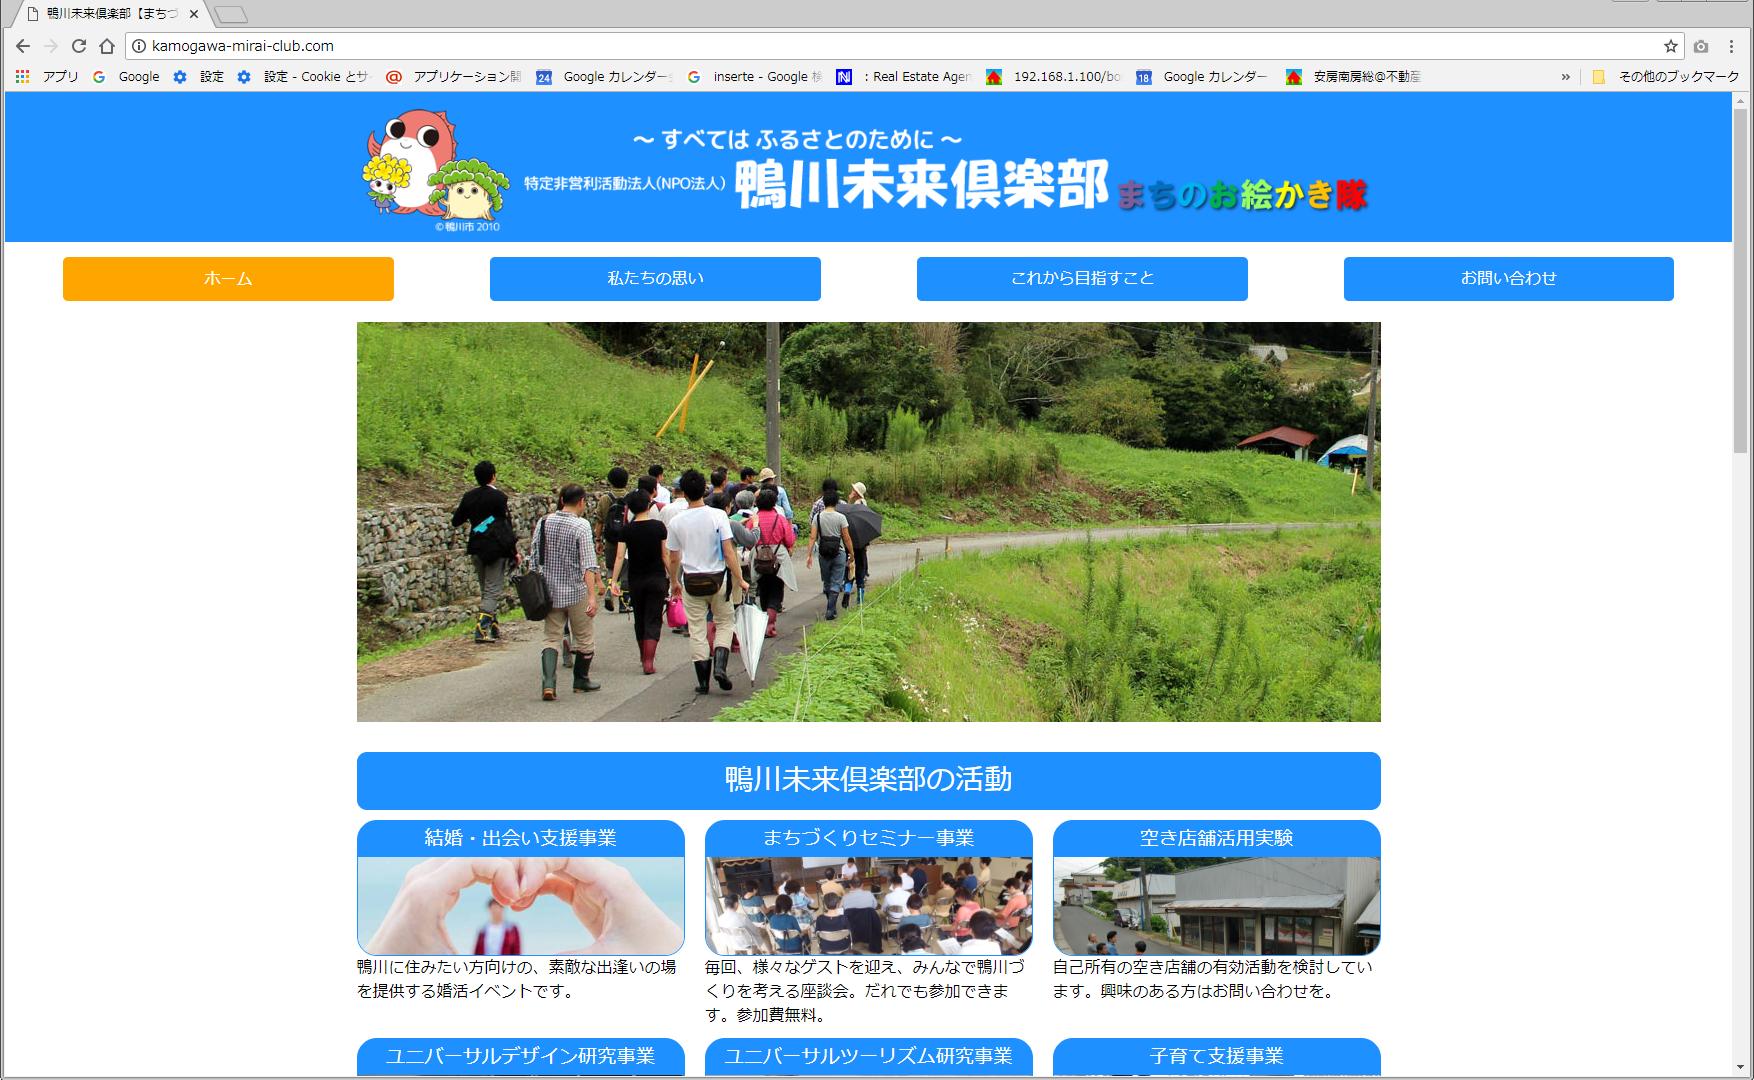 鴨川未来倶楽部のホームページ